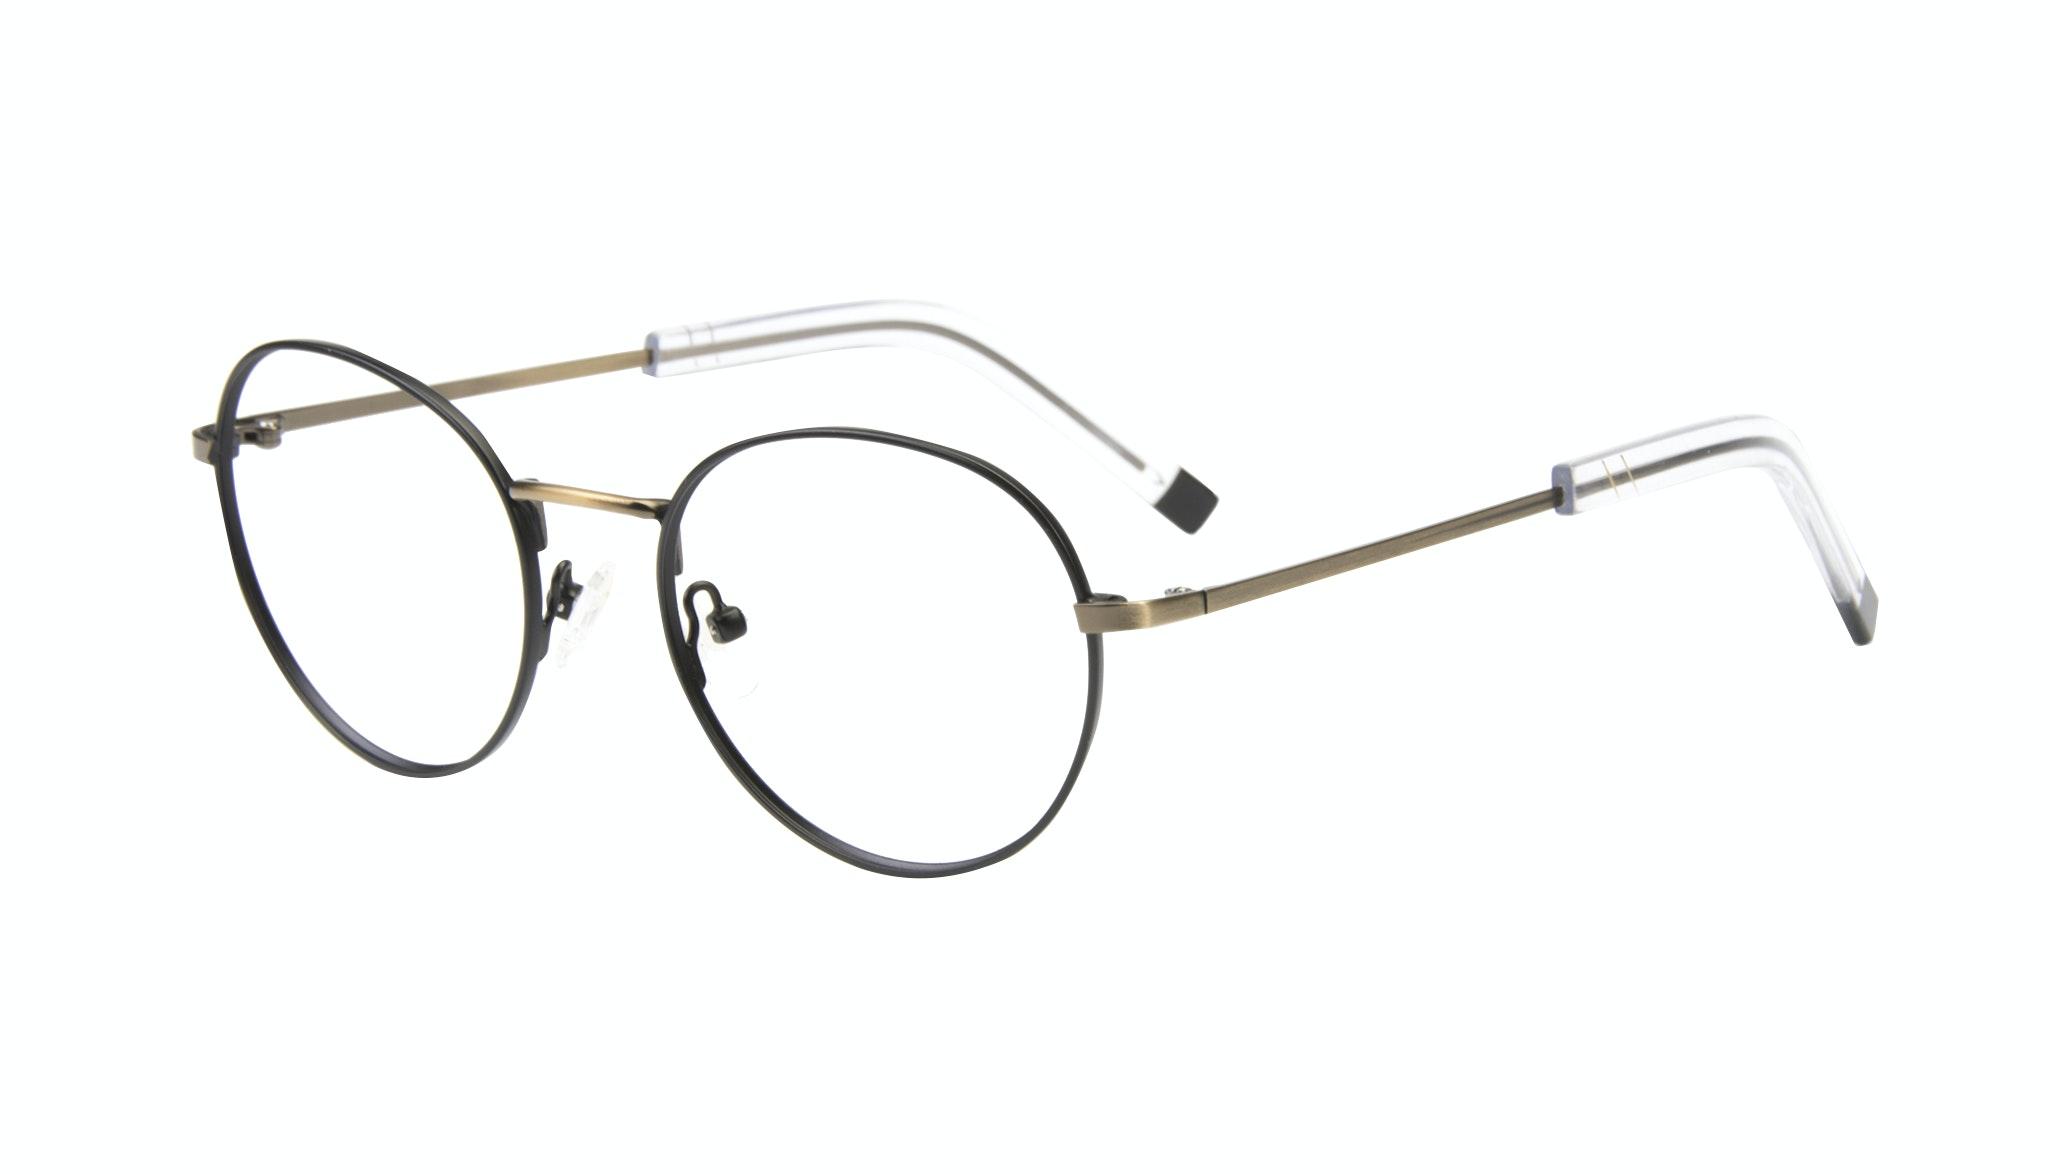 Affordable Fashion Glasses Round Eyeglasses Men Lean Dark Brass Tilt